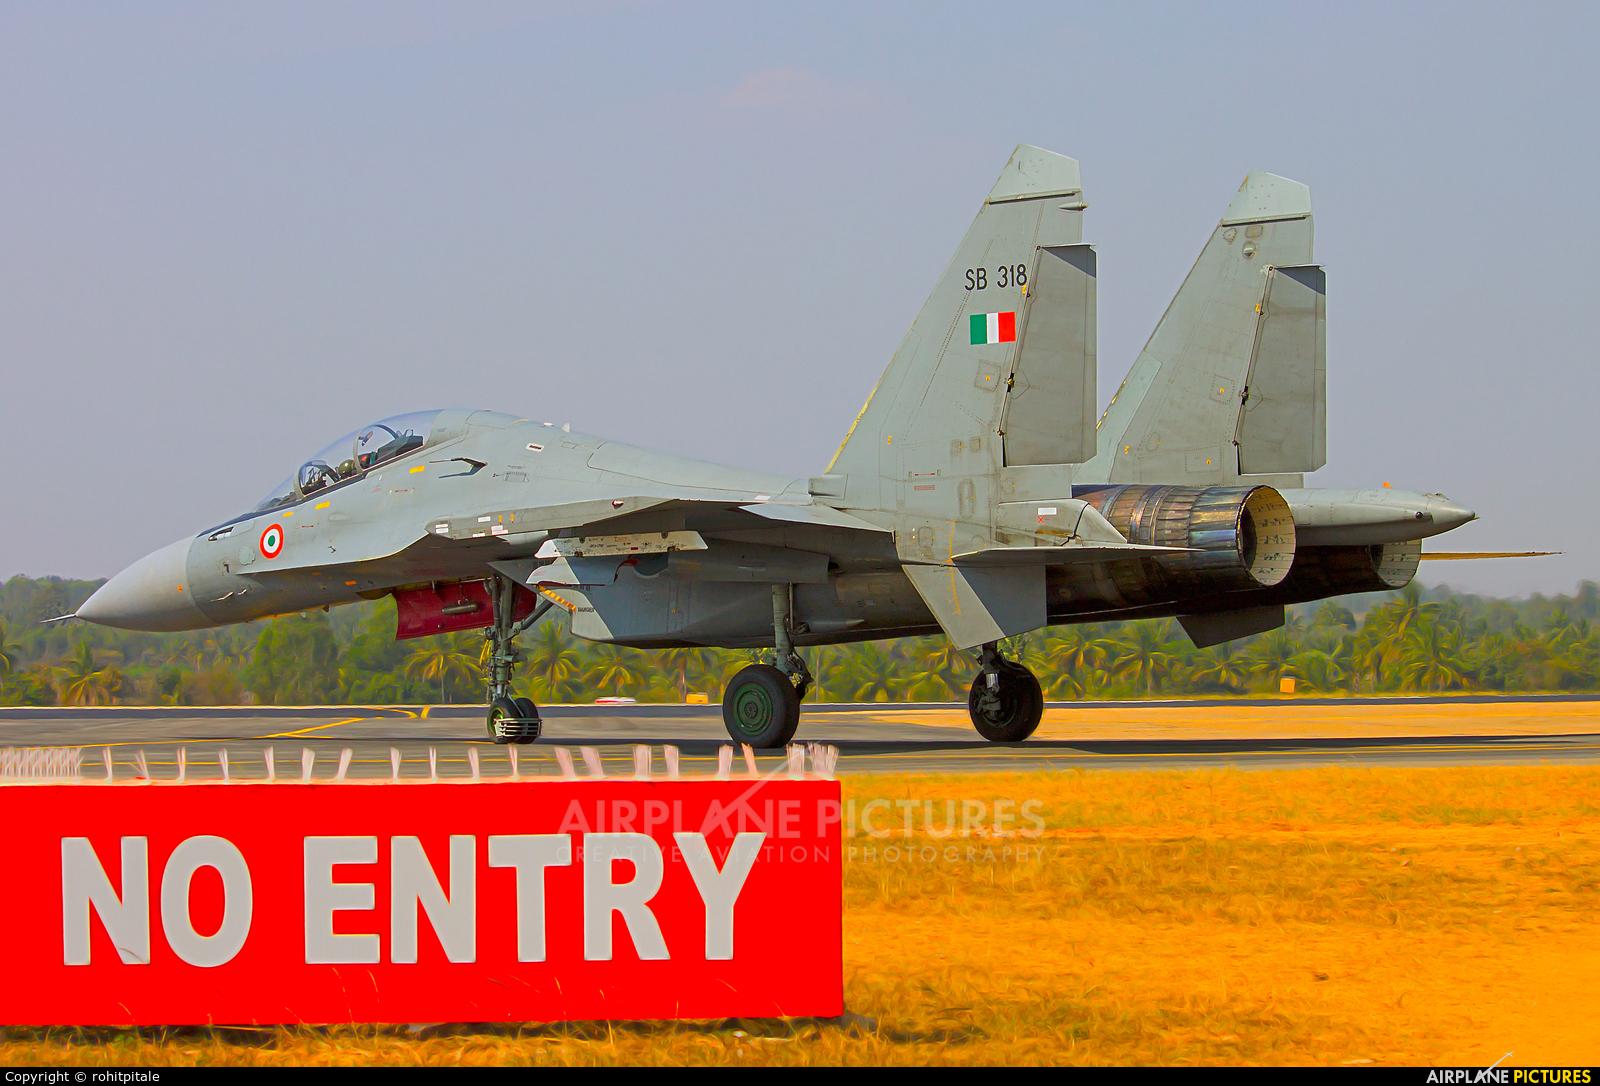 India - Air Force SB318 aircraft at Yelahanka AFB